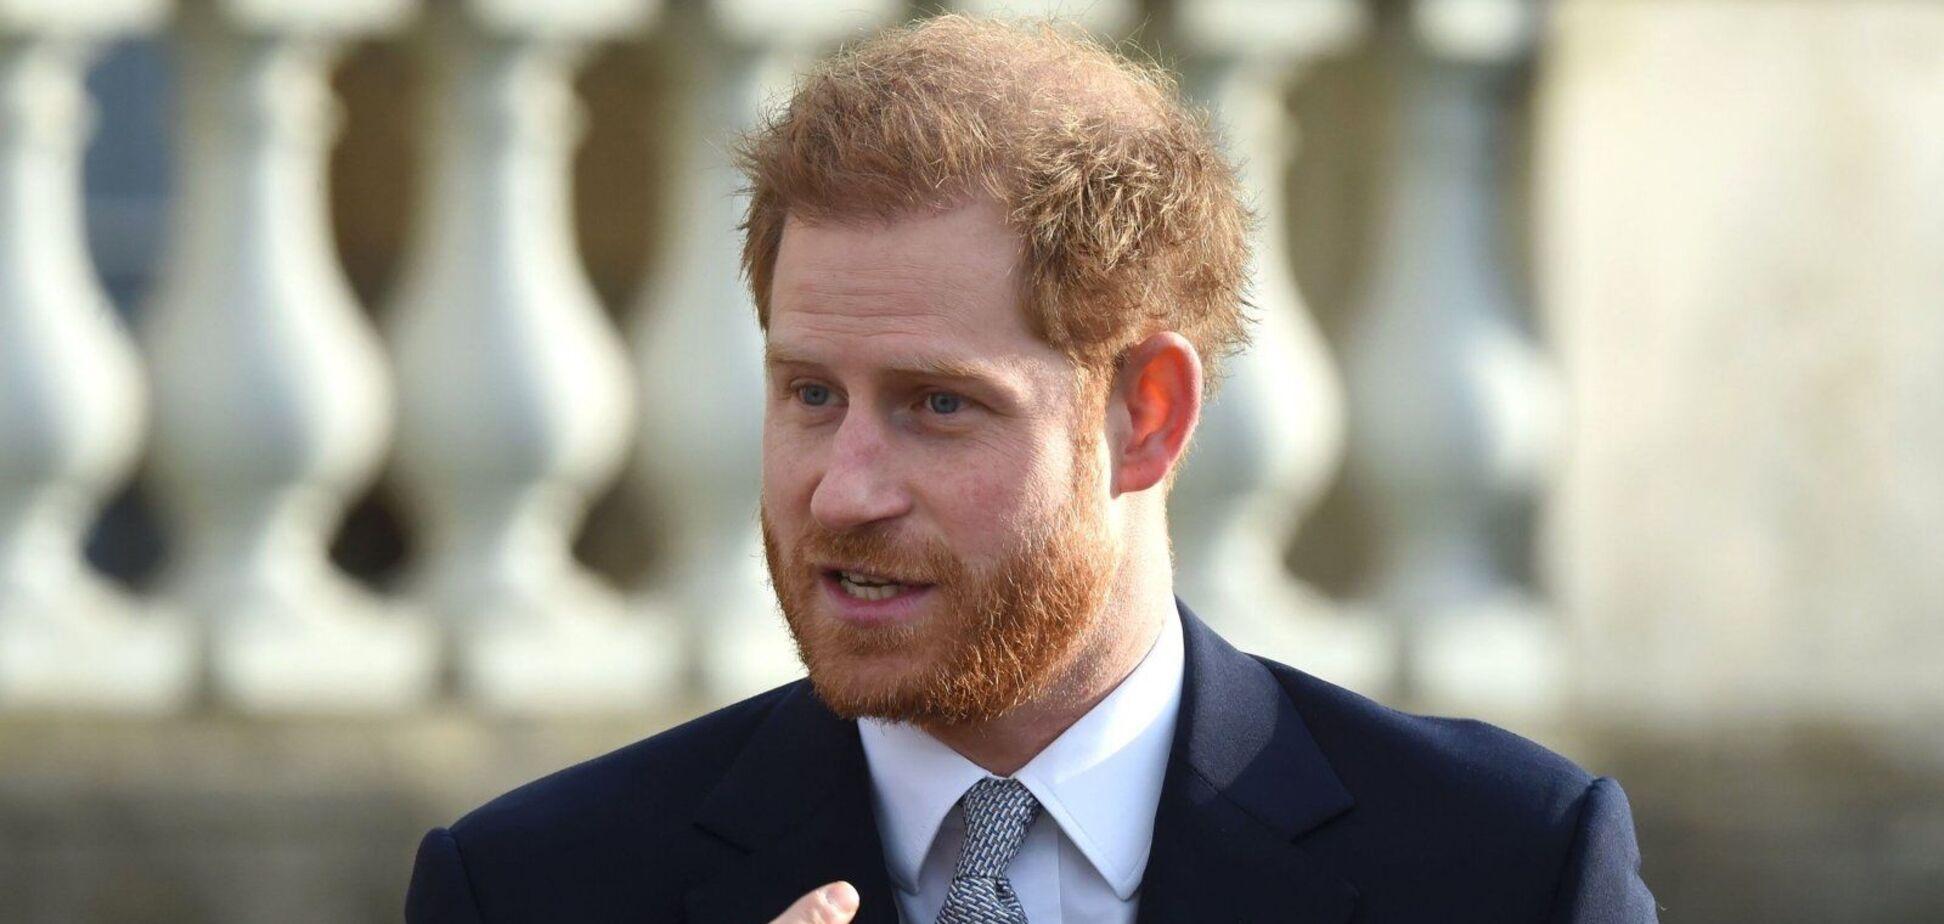 Сосед принца Гарри заявил, что тот отрастил длинные волосы: в сети показали, как может выглядеть муж Маркл